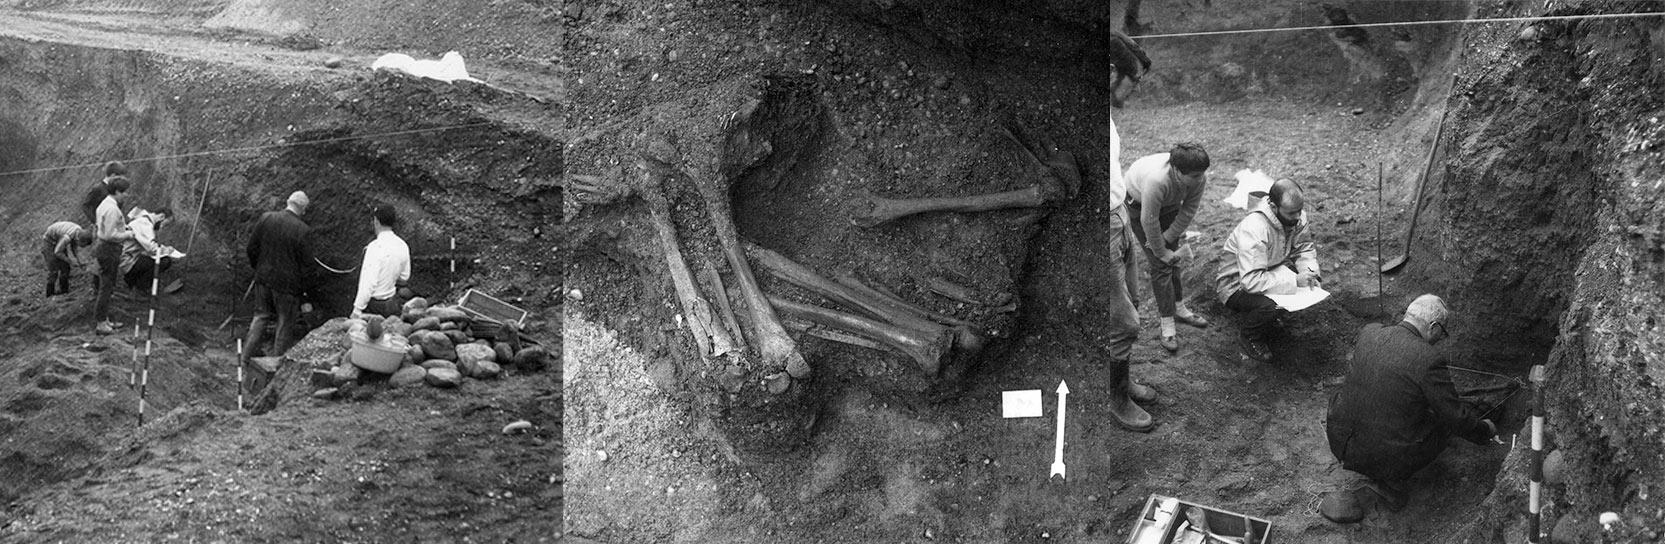 Tombes néolithiques d' Allaman (Vaud) 1969.  </br>En compagnie du professeur Marc-Rodolphe Sauter